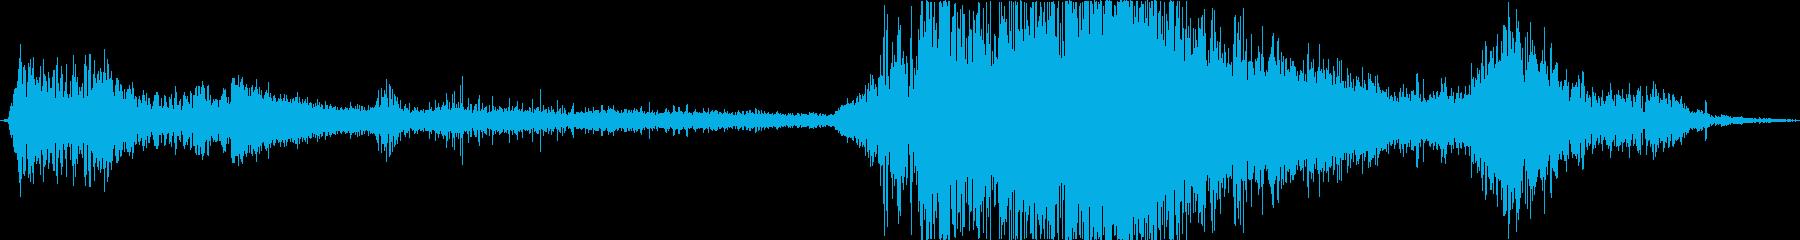 アークブラストと崩壊、宇宙レーザー...の再生済みの波形